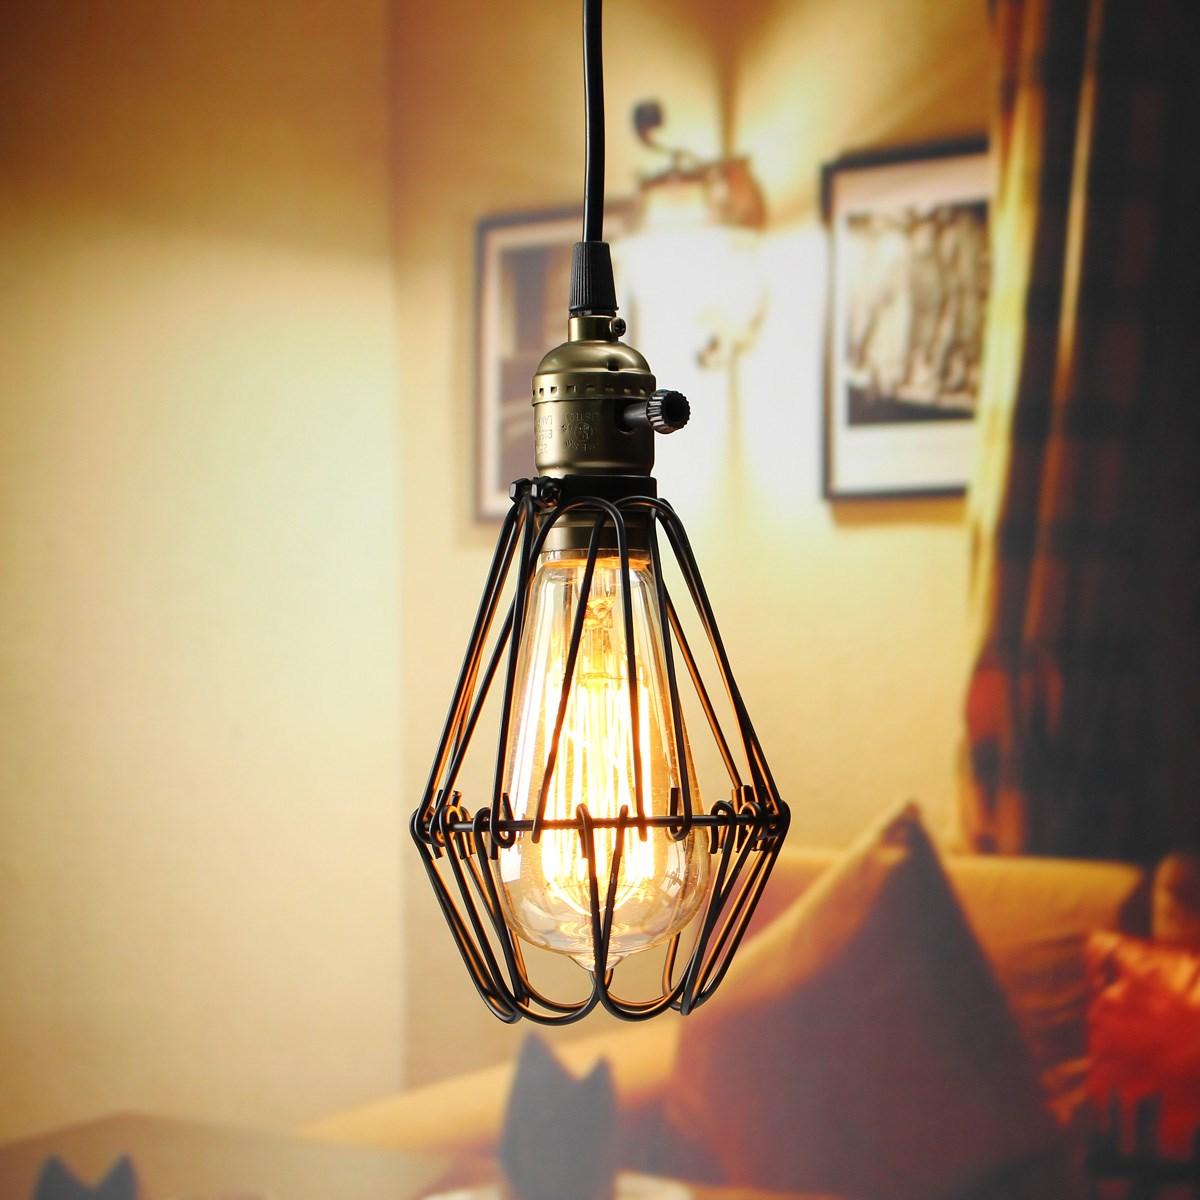 Retro lamp shade acquista a poco prezzo retro lamp shade lotti da ...